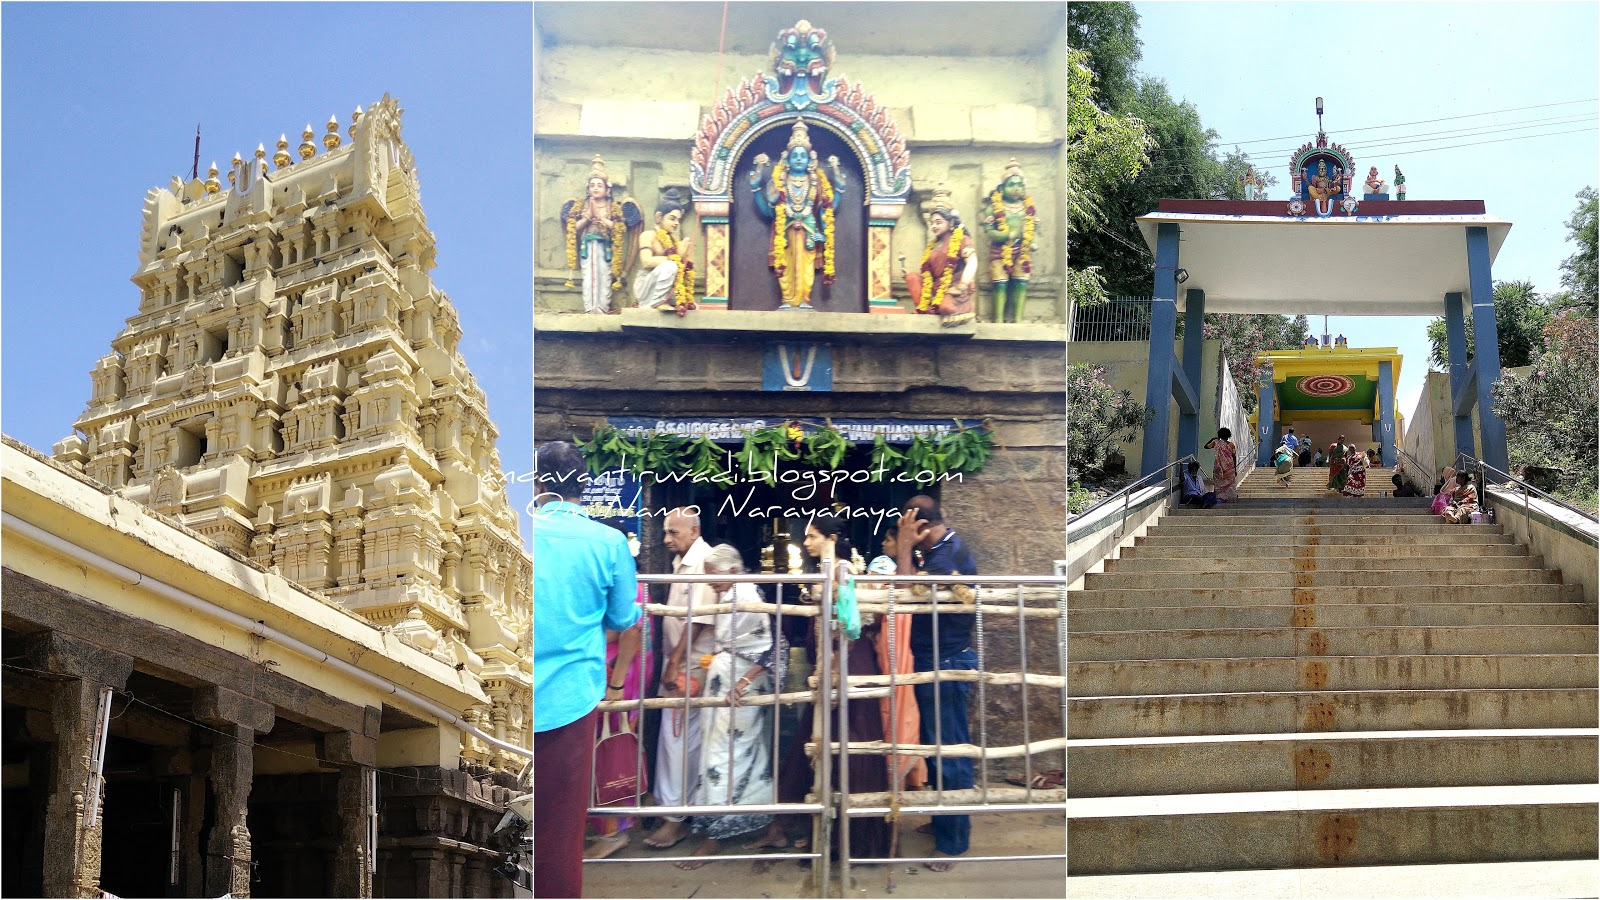 108 திவ்யதேசம், நடுநாடு திவ்யதேசங்கள், திருவஹீந்த்ரபுரம்